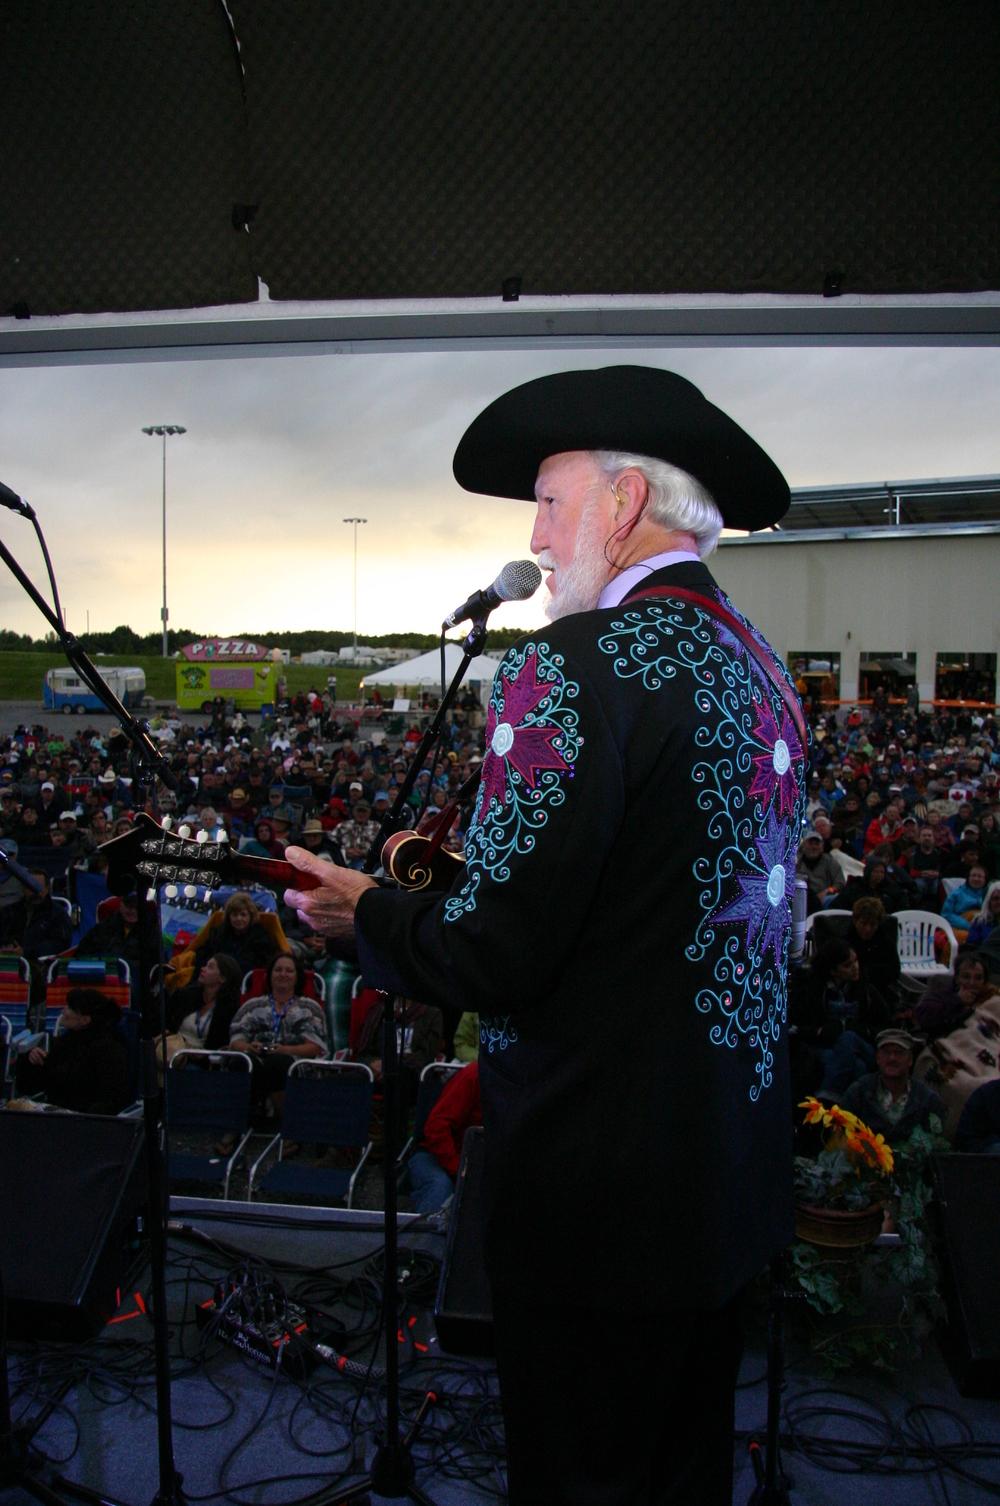 2011 - Doyle Lawson